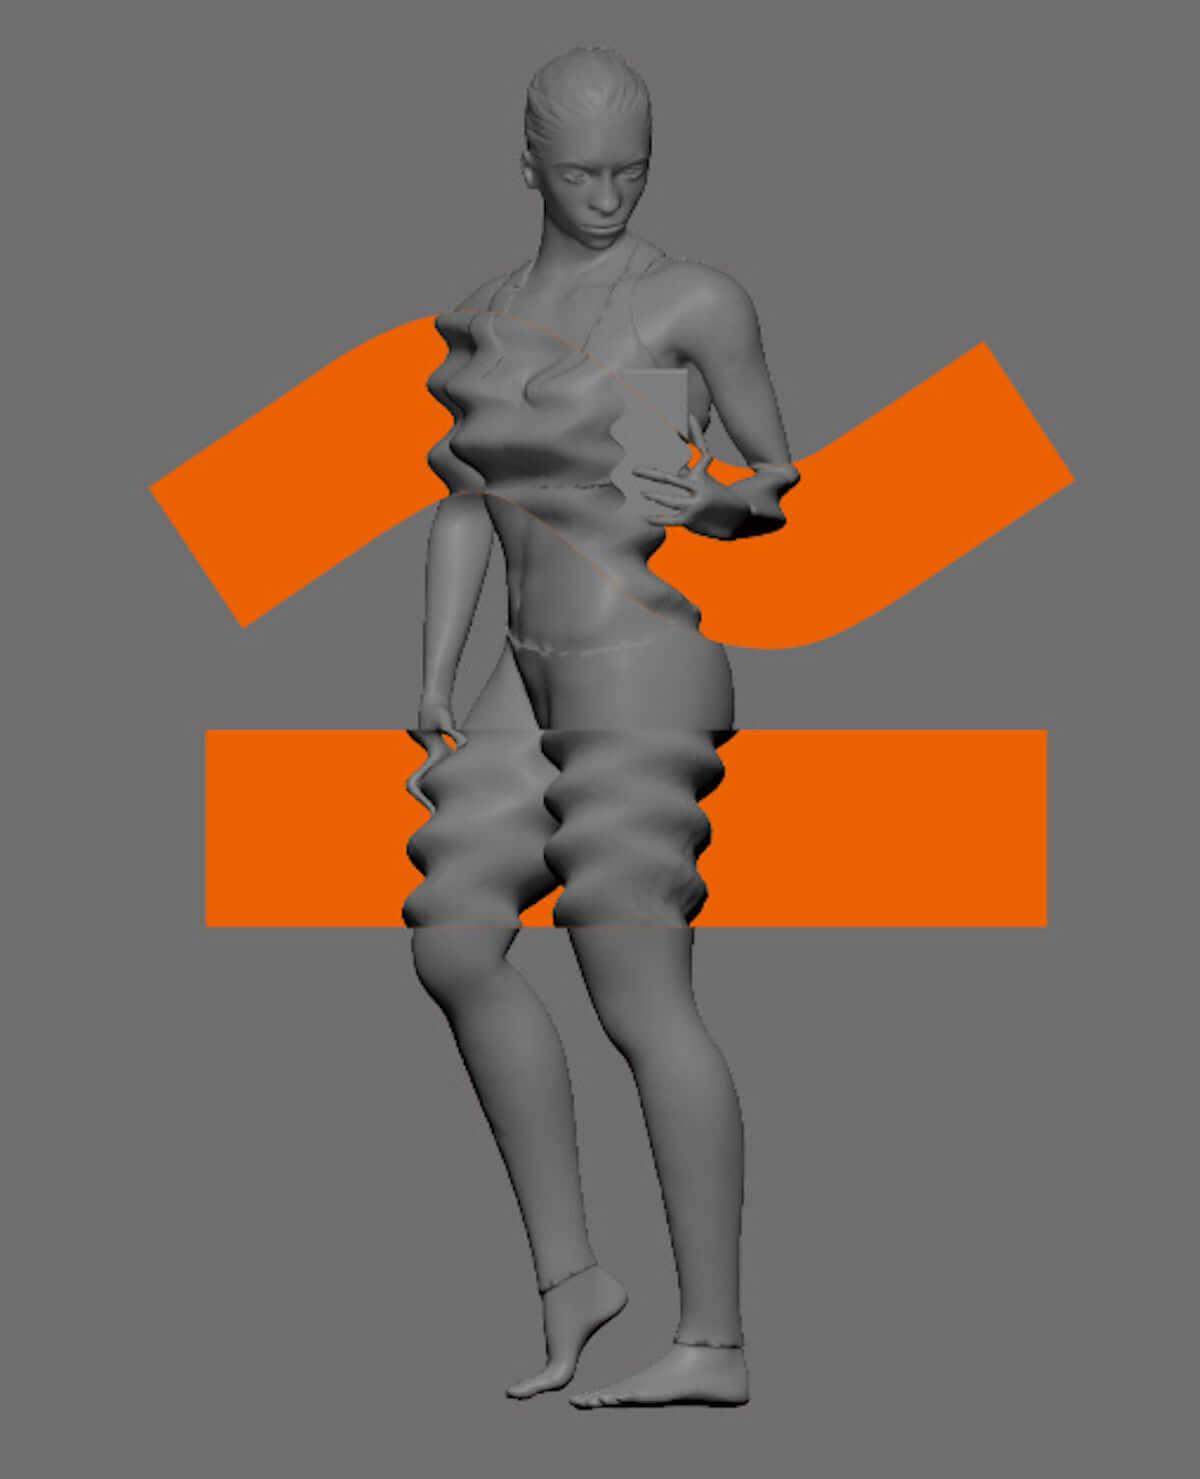 インスタの#workout(筋トレの自撮り)などをテーマにした原 淳之助による個展「≃」がANAGRAにて開催中 art-culture190302-harajunnosuke-2-1200x1479